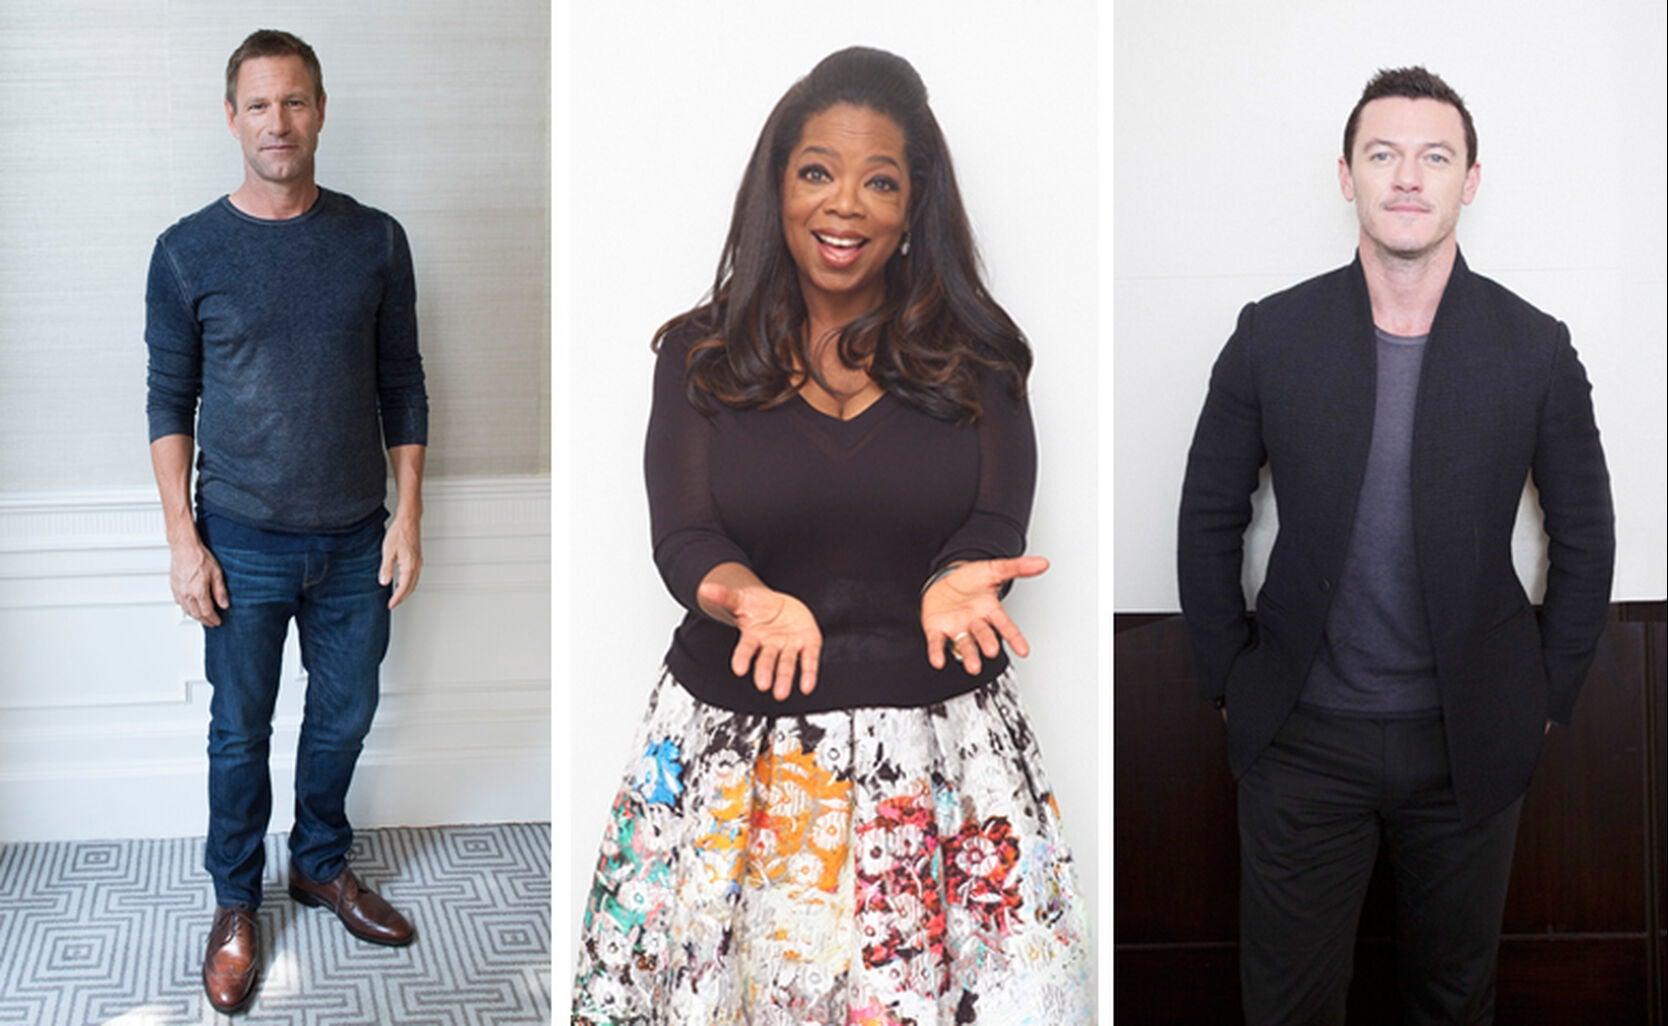 Liev Schreiber, Oprah Winfrey and Luke Evans